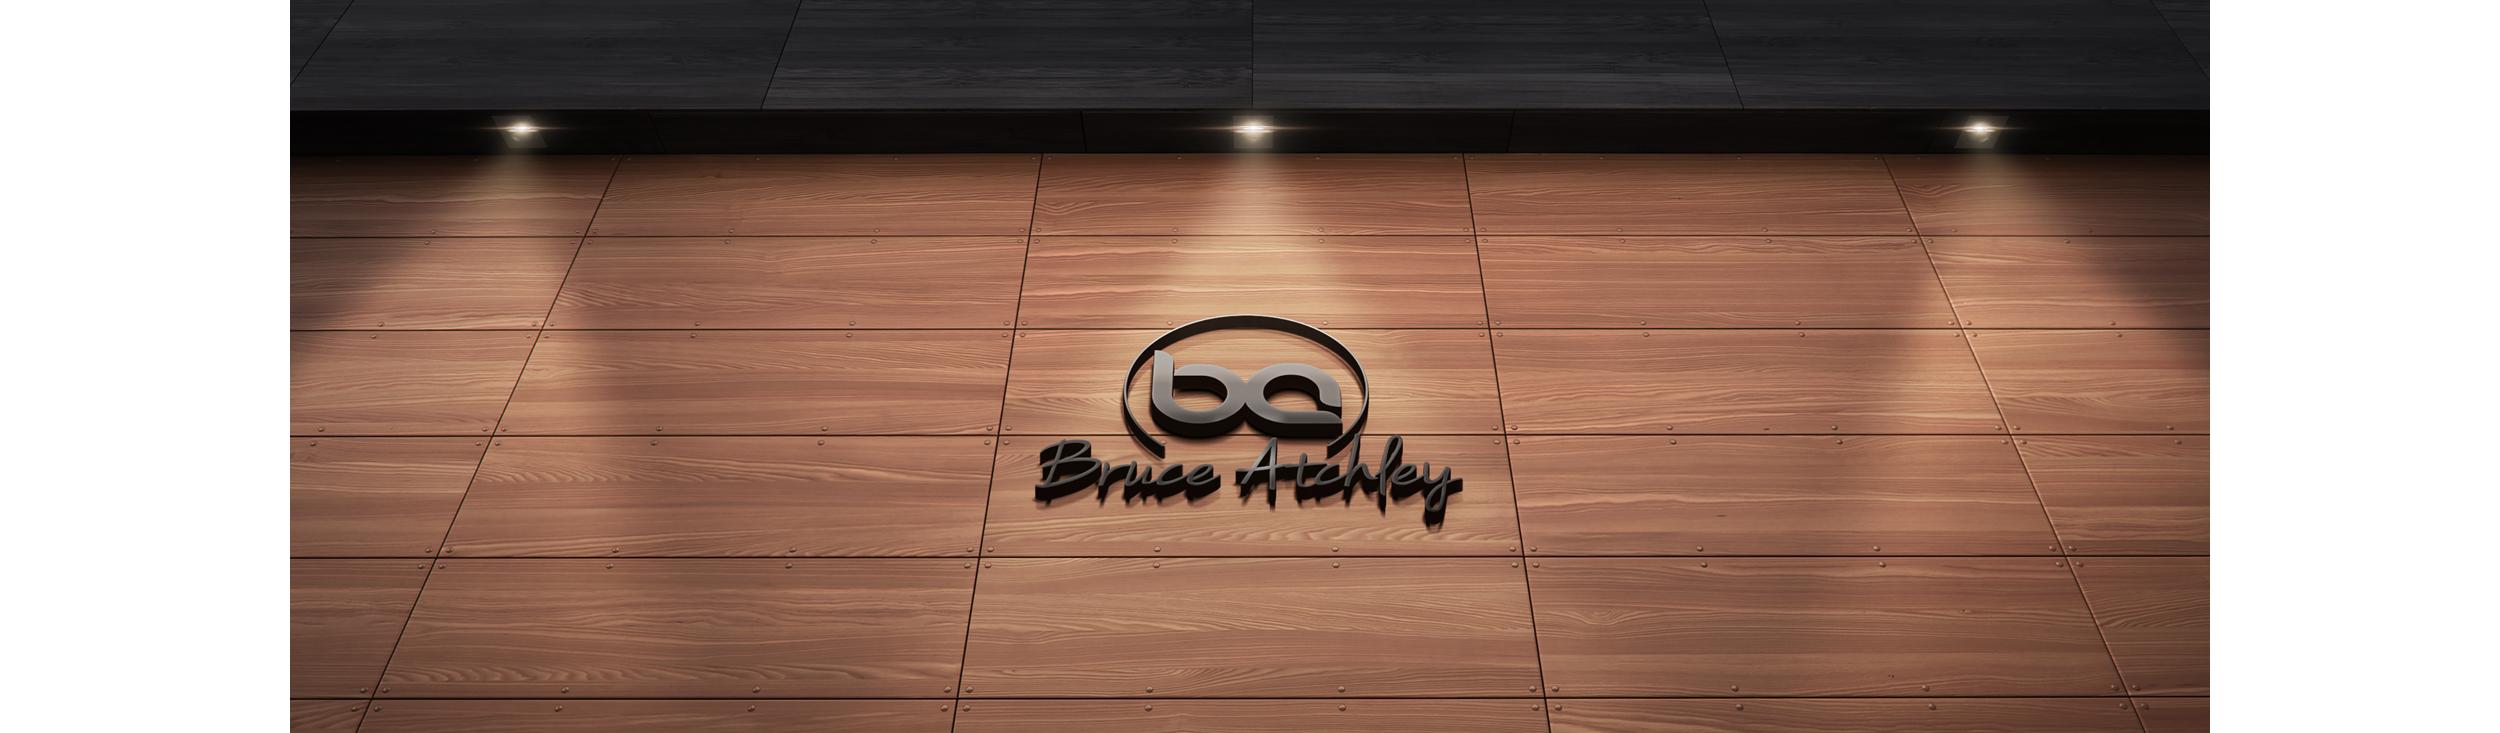 Bruce Atchley UX Designer 1